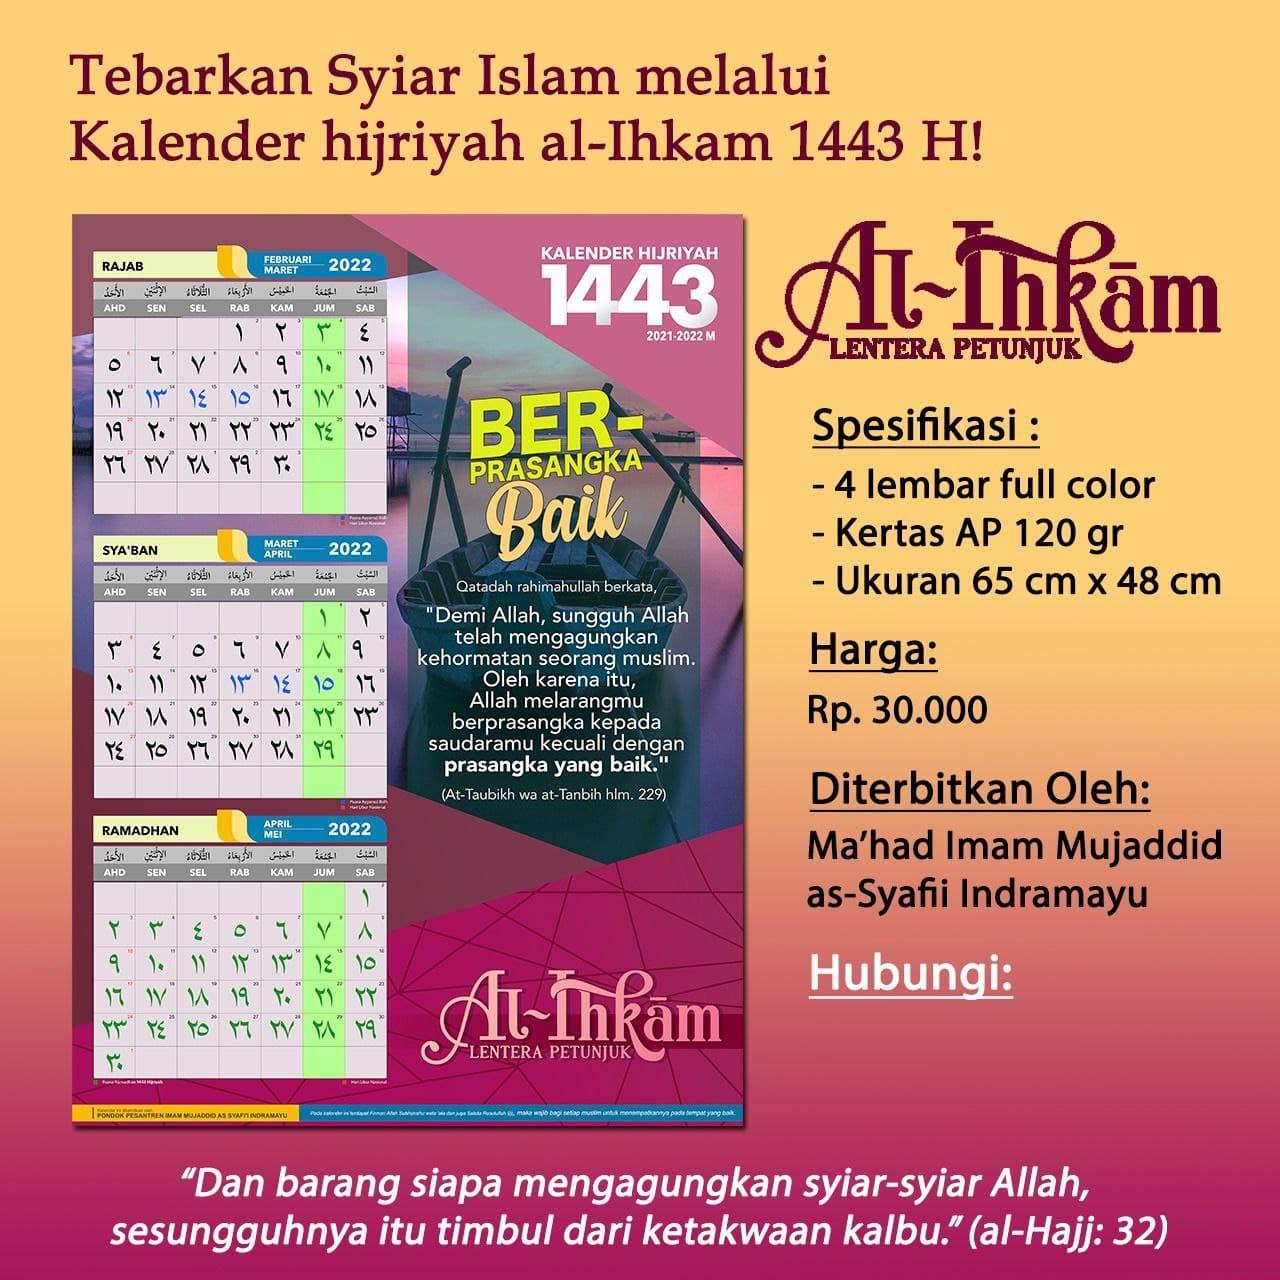 Kalender Hijriyah Al Ihkam 1443 H / 2022-2023